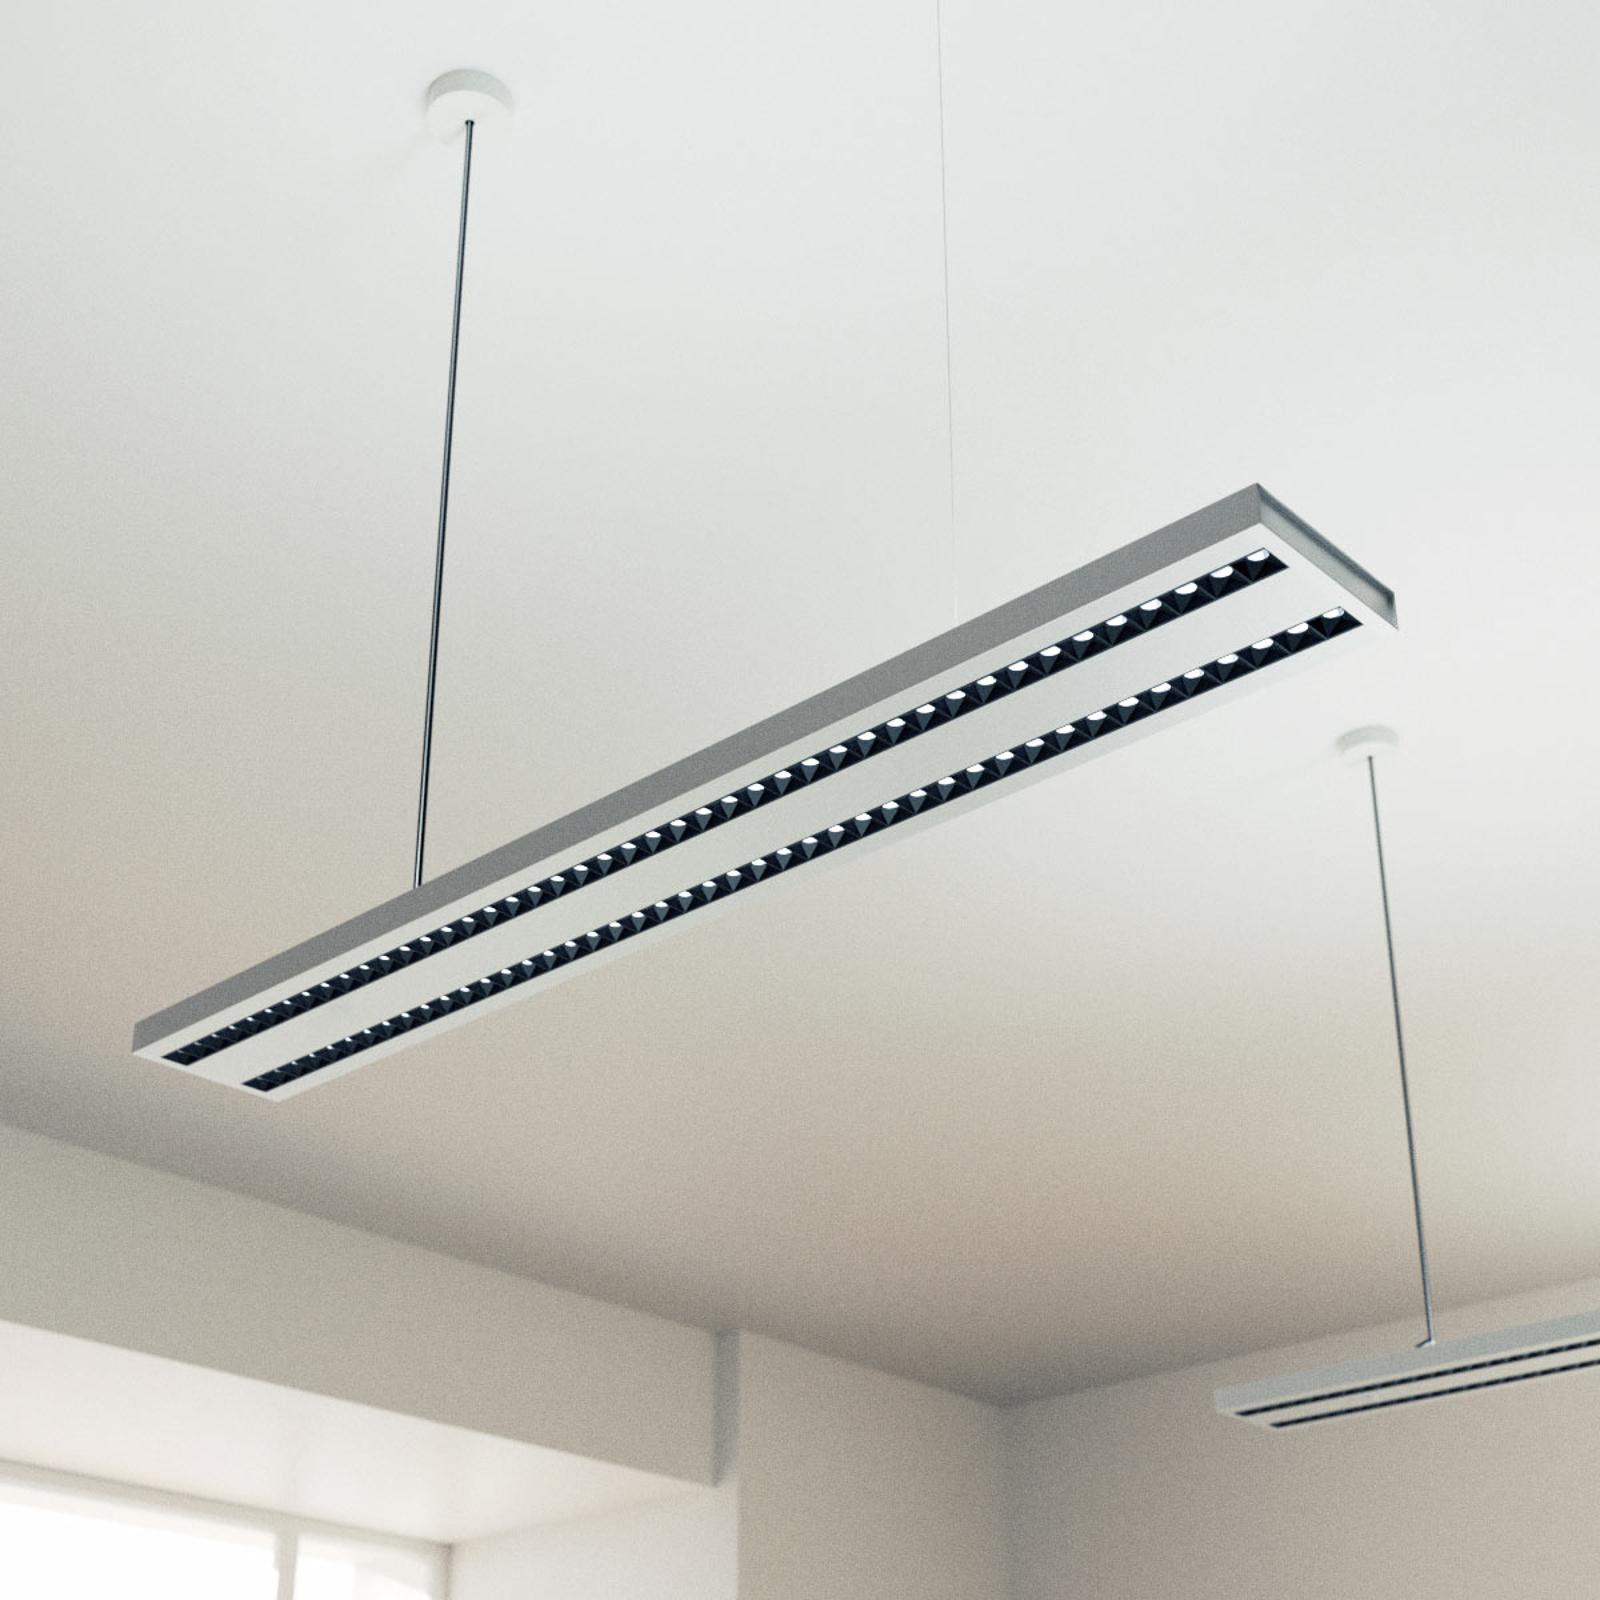 LED hanglamp Konstantin voor de werkkamer